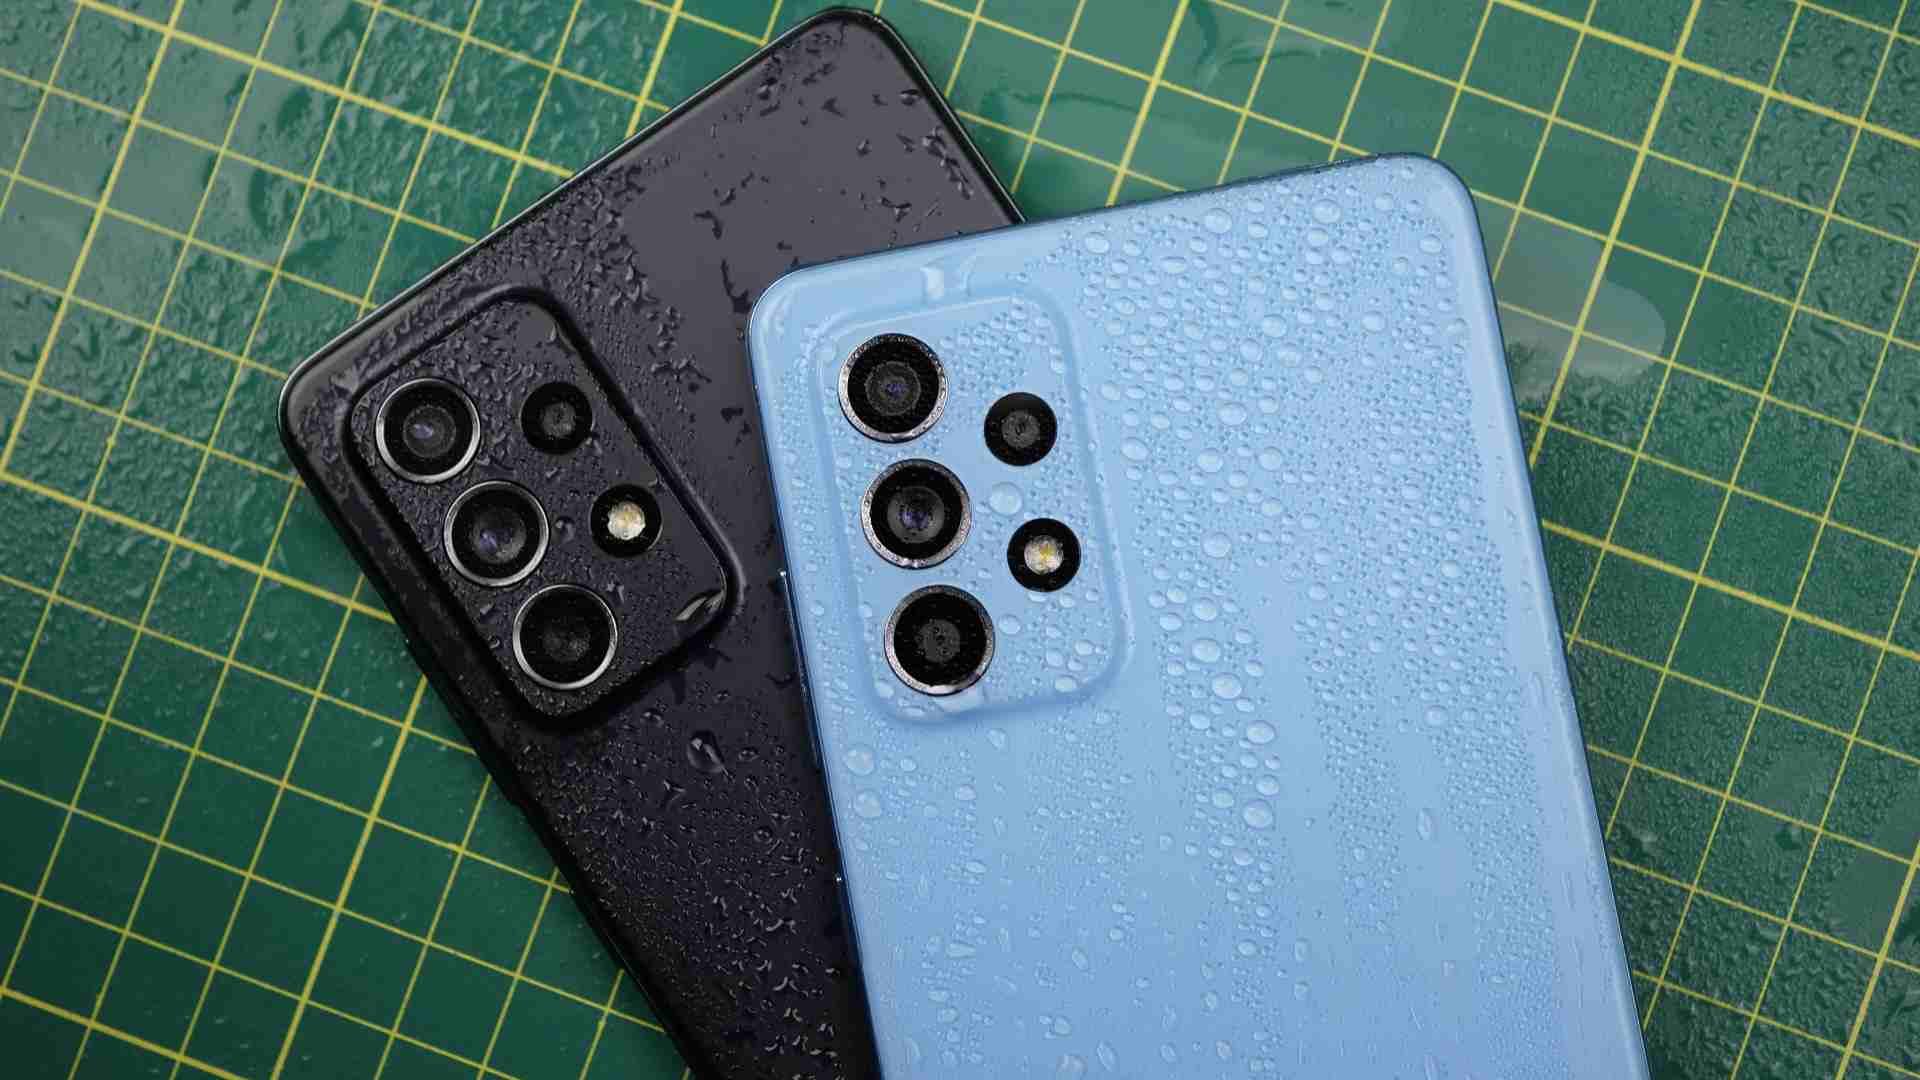 Celulares A72 preto em cima do celular A52 azul molhados